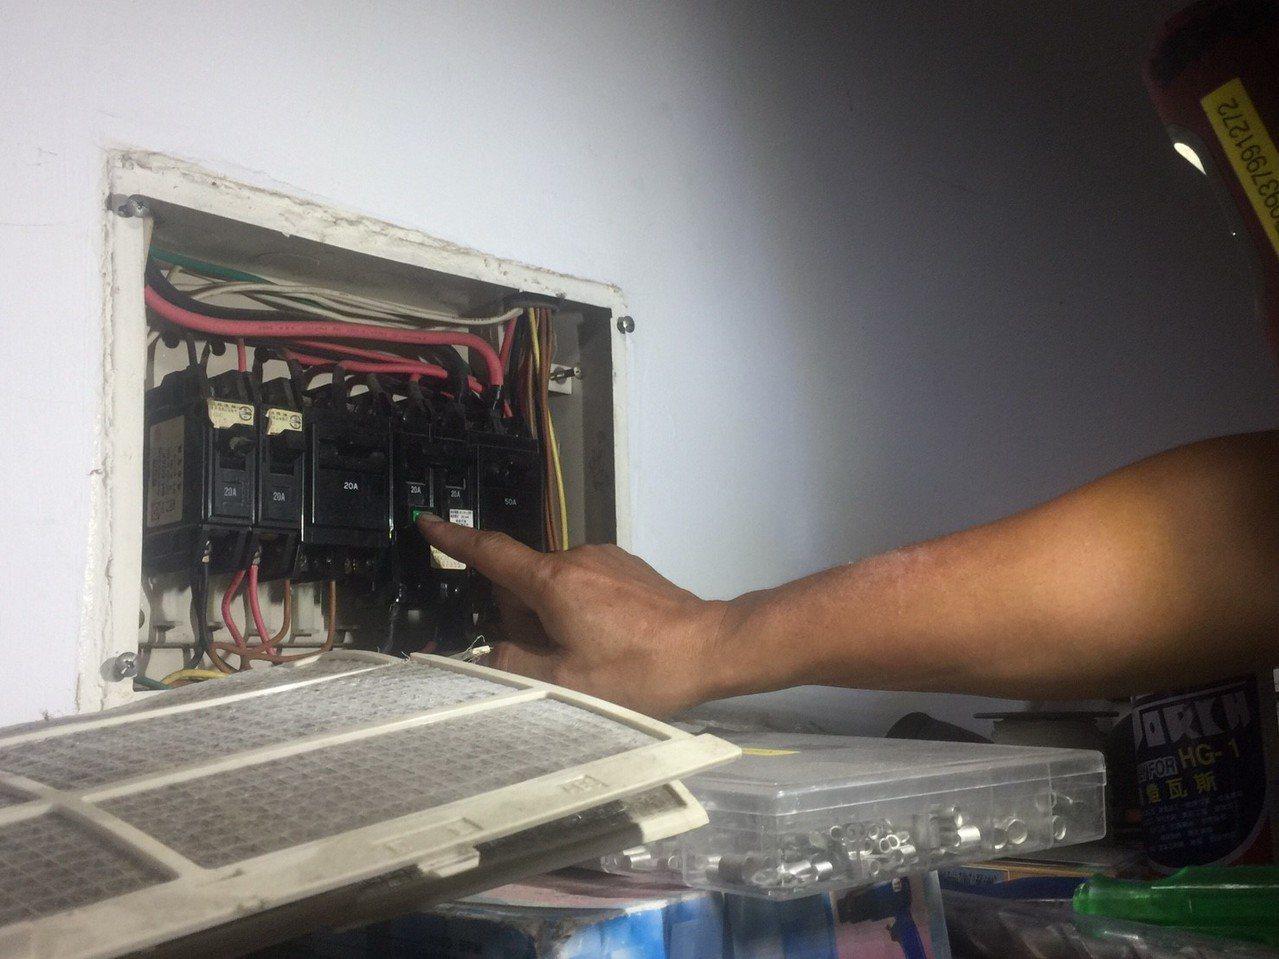 颱風逼近,民眾可自我檢測漏電斷路器是否運作正常。 記者郭宣彣/攝影